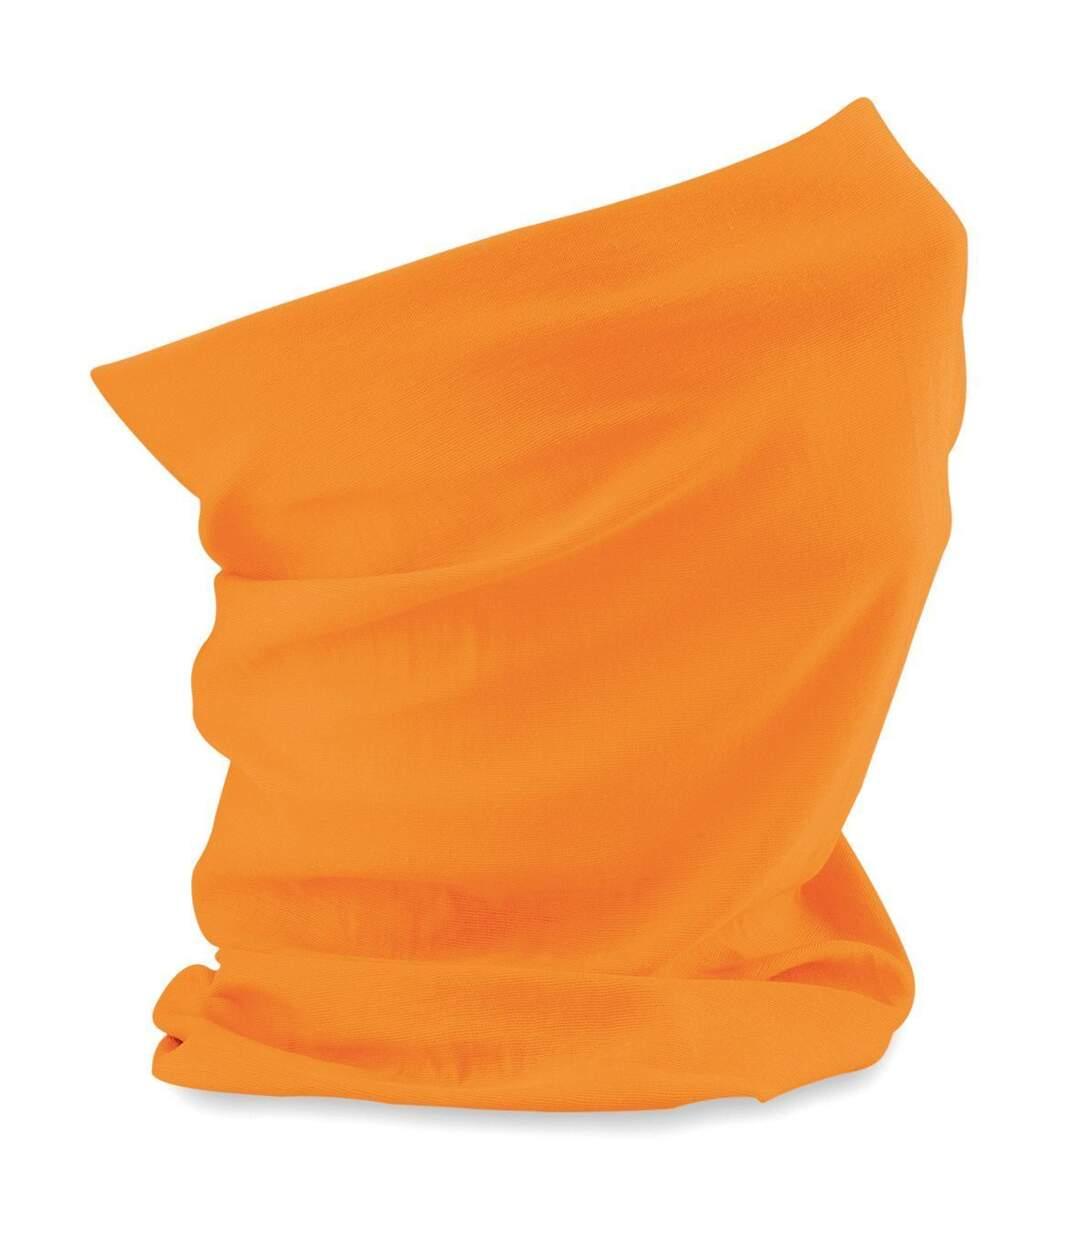 Echarpe tubulaire - tour de cou adulte - B900 - orange fluo